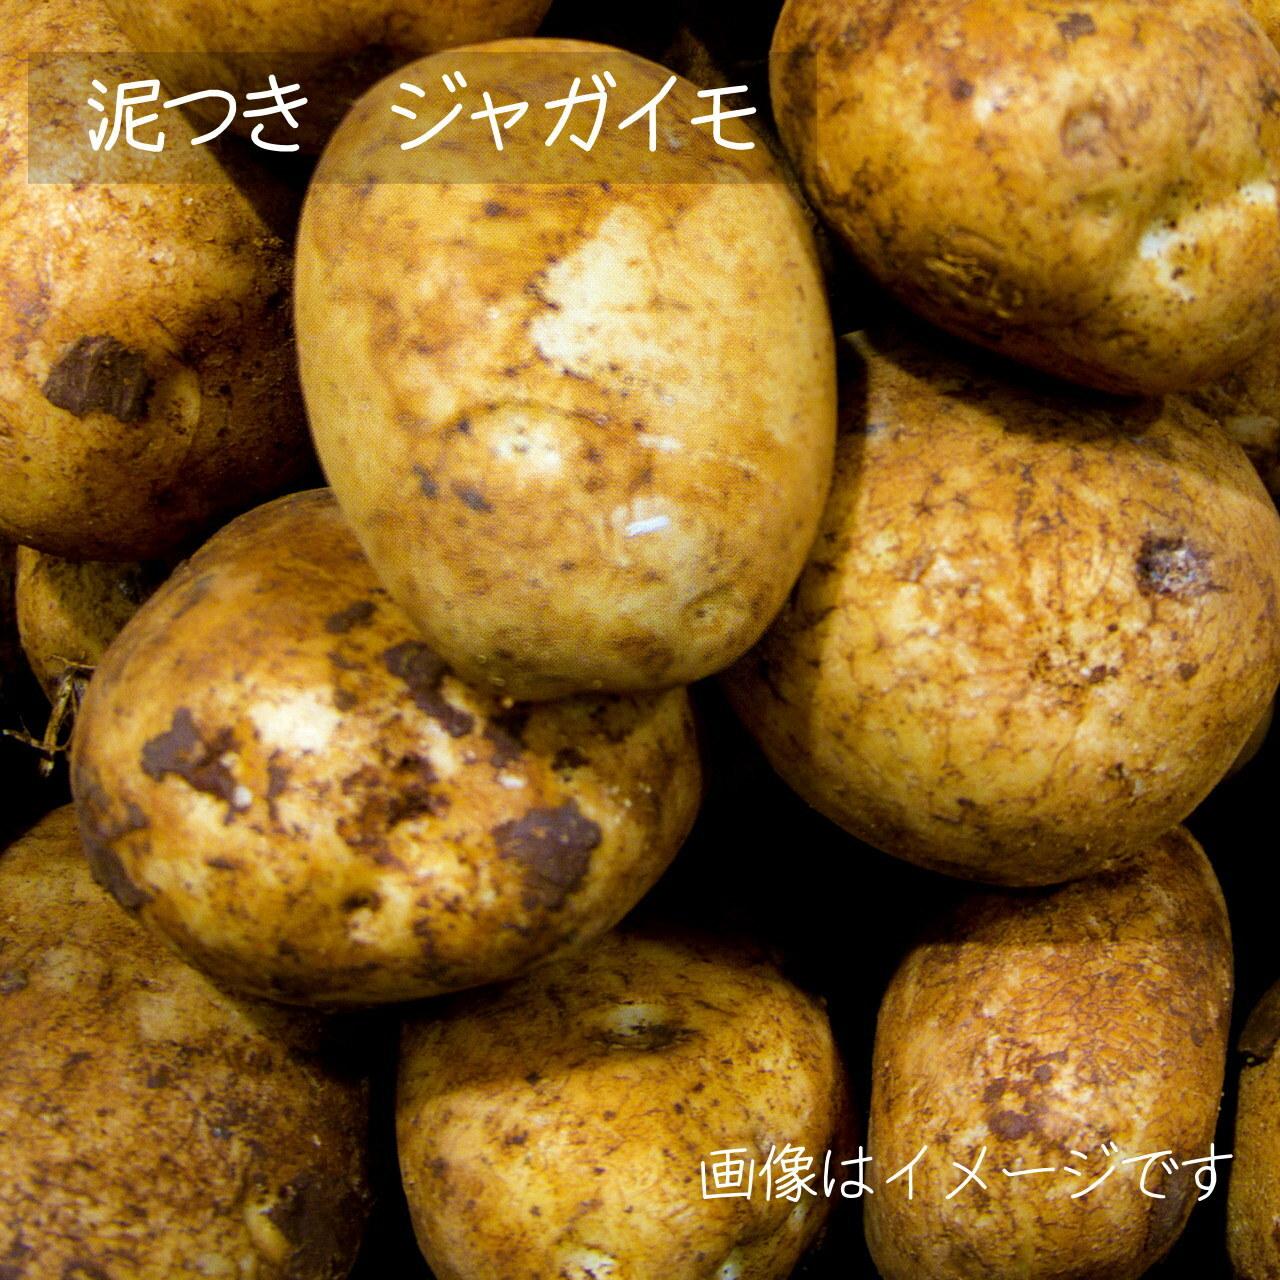 6月の新鮮野菜 :  ジャガイモ 約600g 朝採り直売野菜 6月27日発送予定